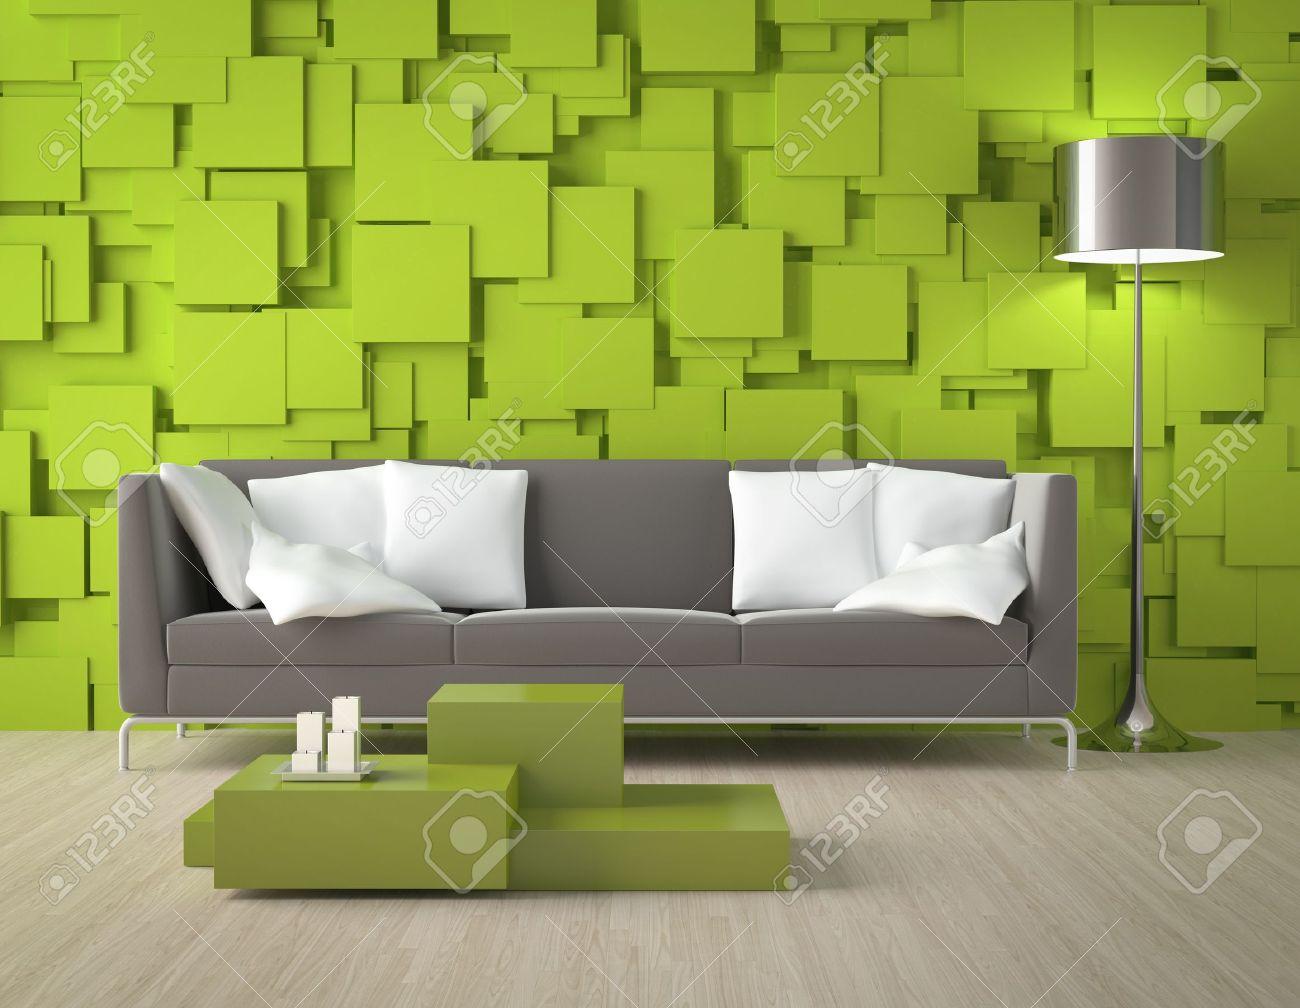 Interior design eine moderne innenraum mit grünen wand aus blöcken ...